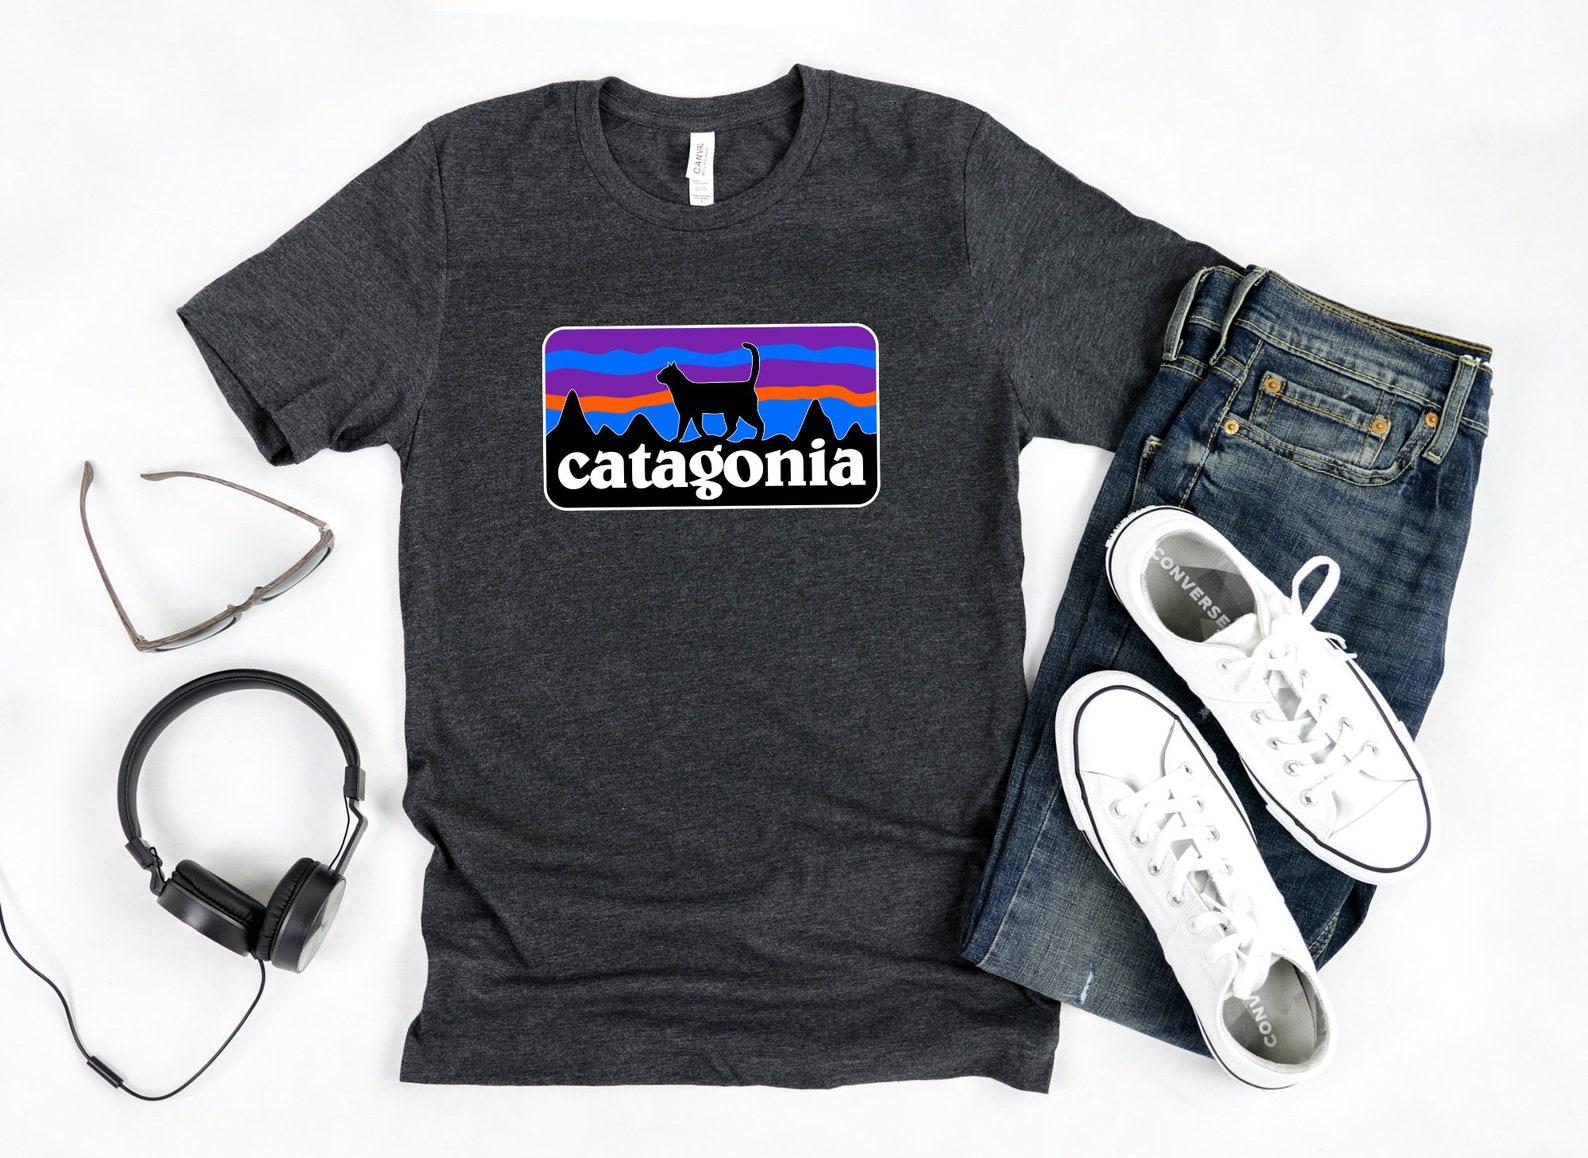 Catagonia Cat Shirt